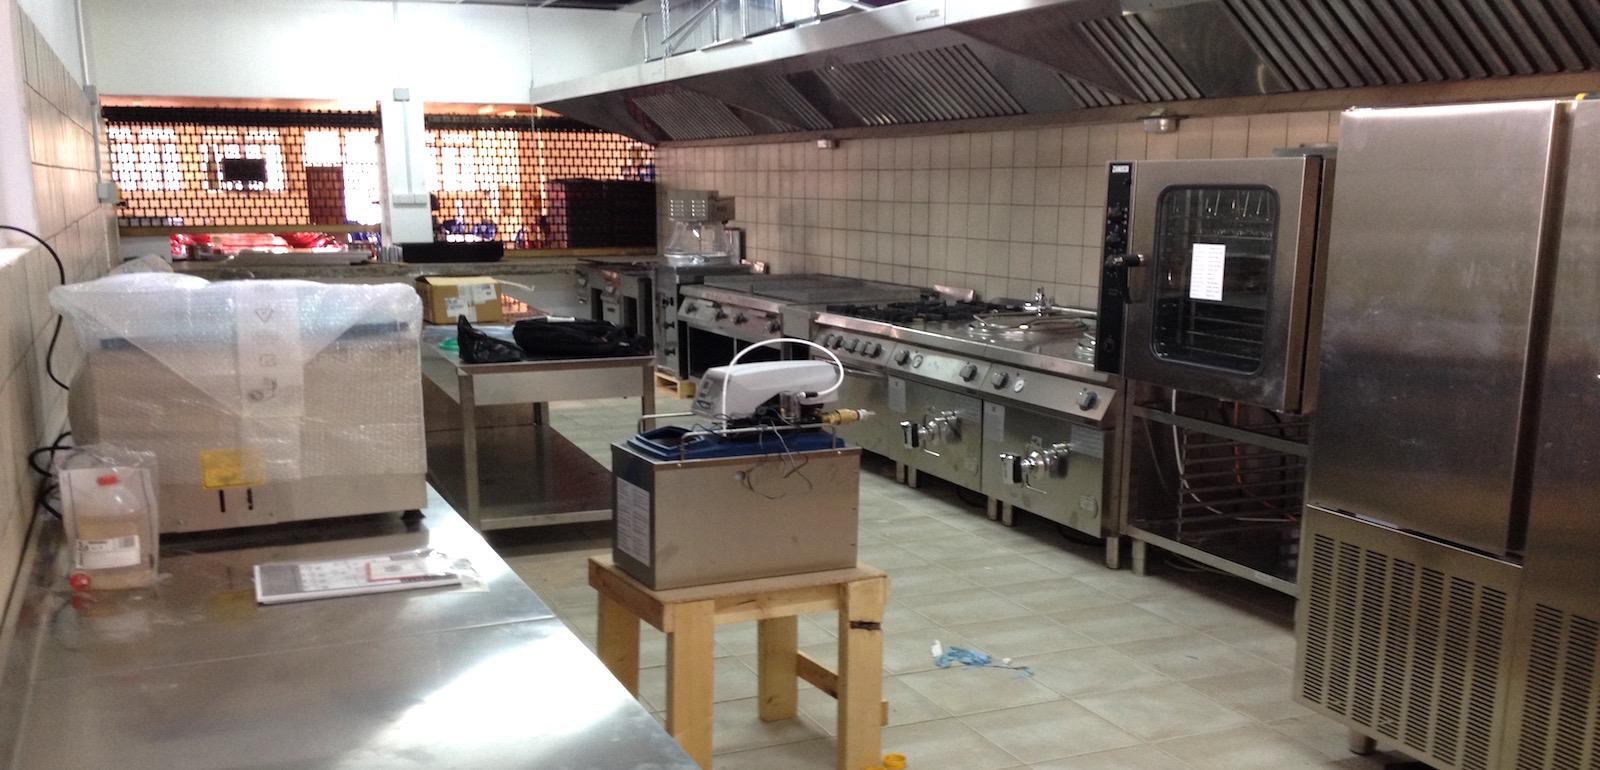 La parte centrale della cucina del ristorante aperto ad Iringa.